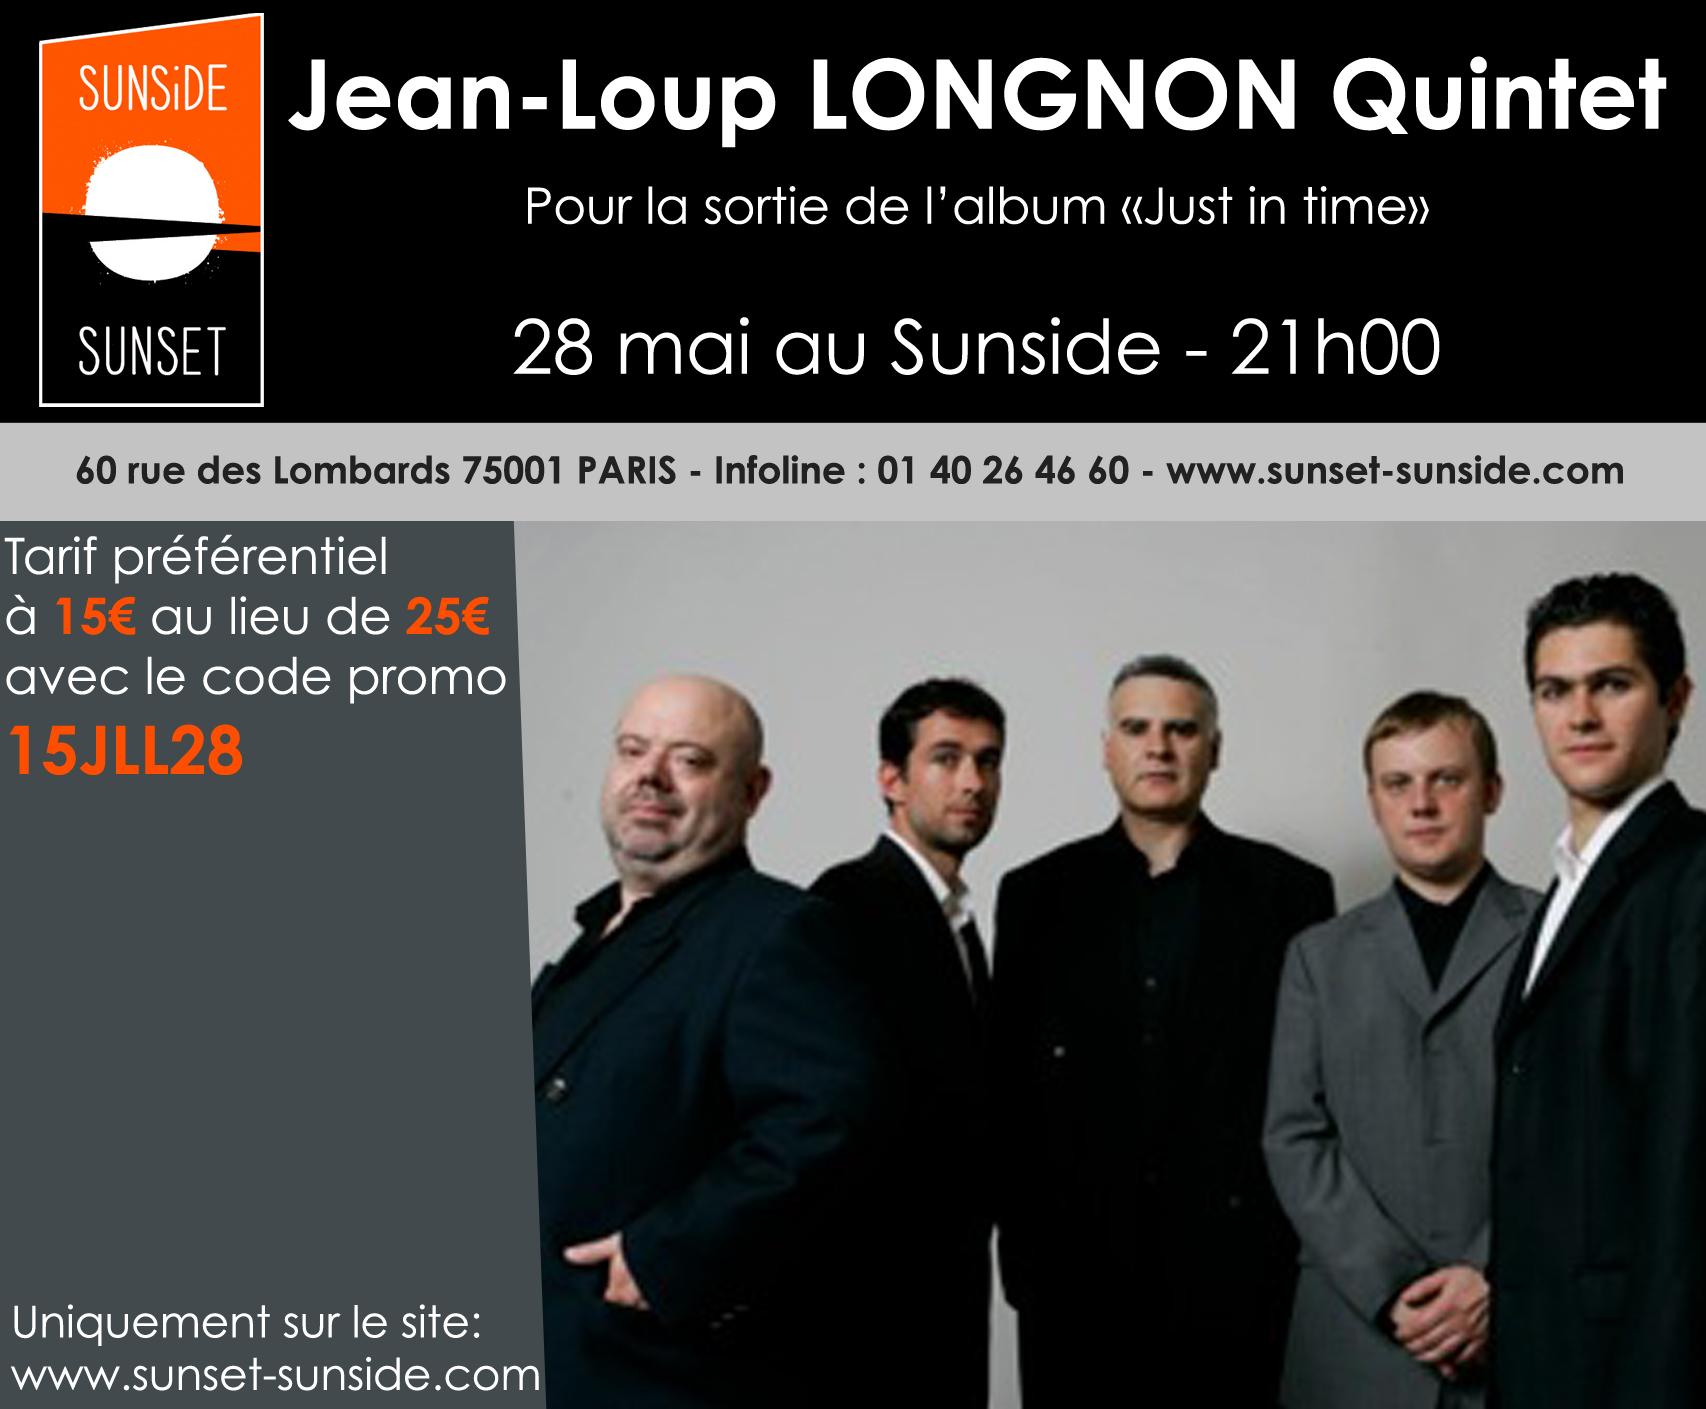 """Jean-Loup LONGNON Quintet & Guests - Pour la sortie de l'album """"Just in time"""""""